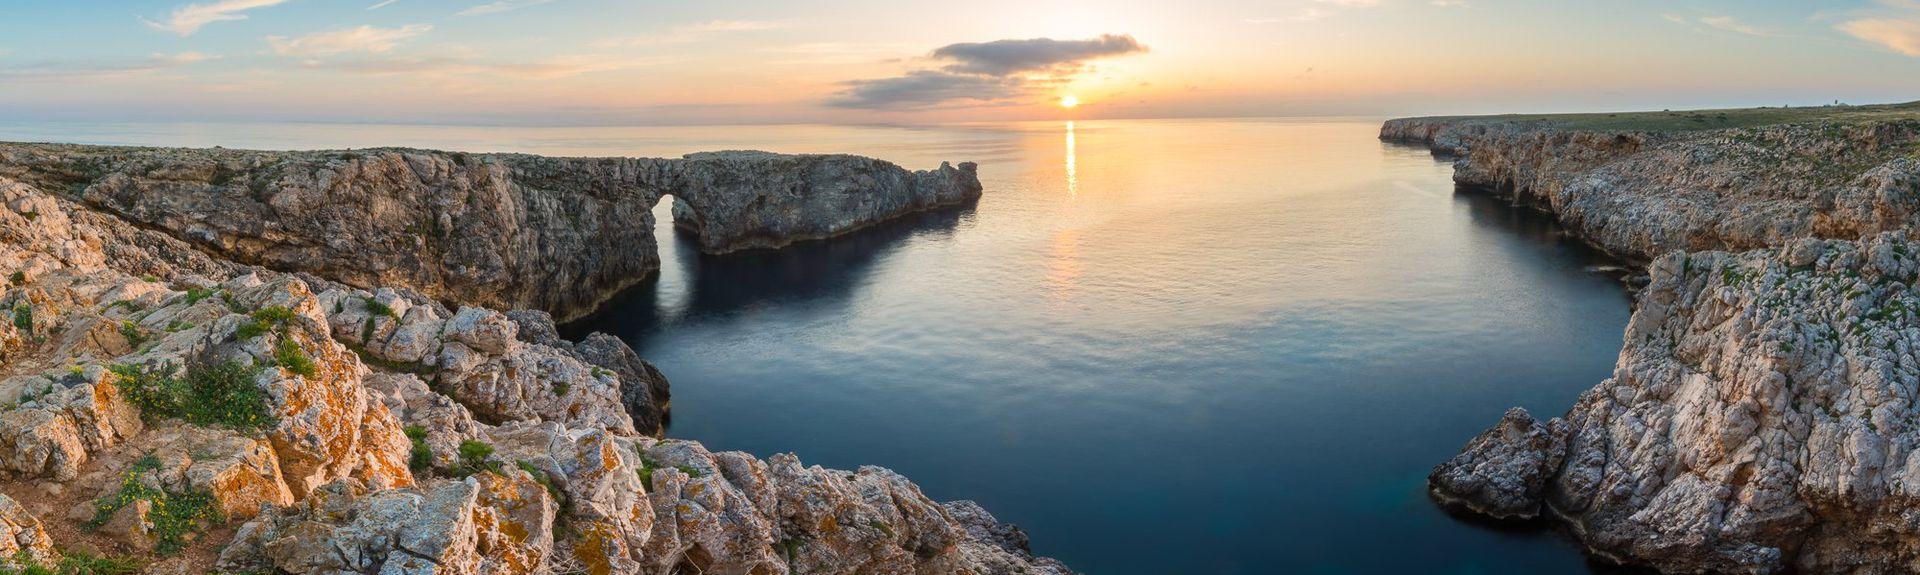 Sol del Este, Es Castell, Islas Baleares, España